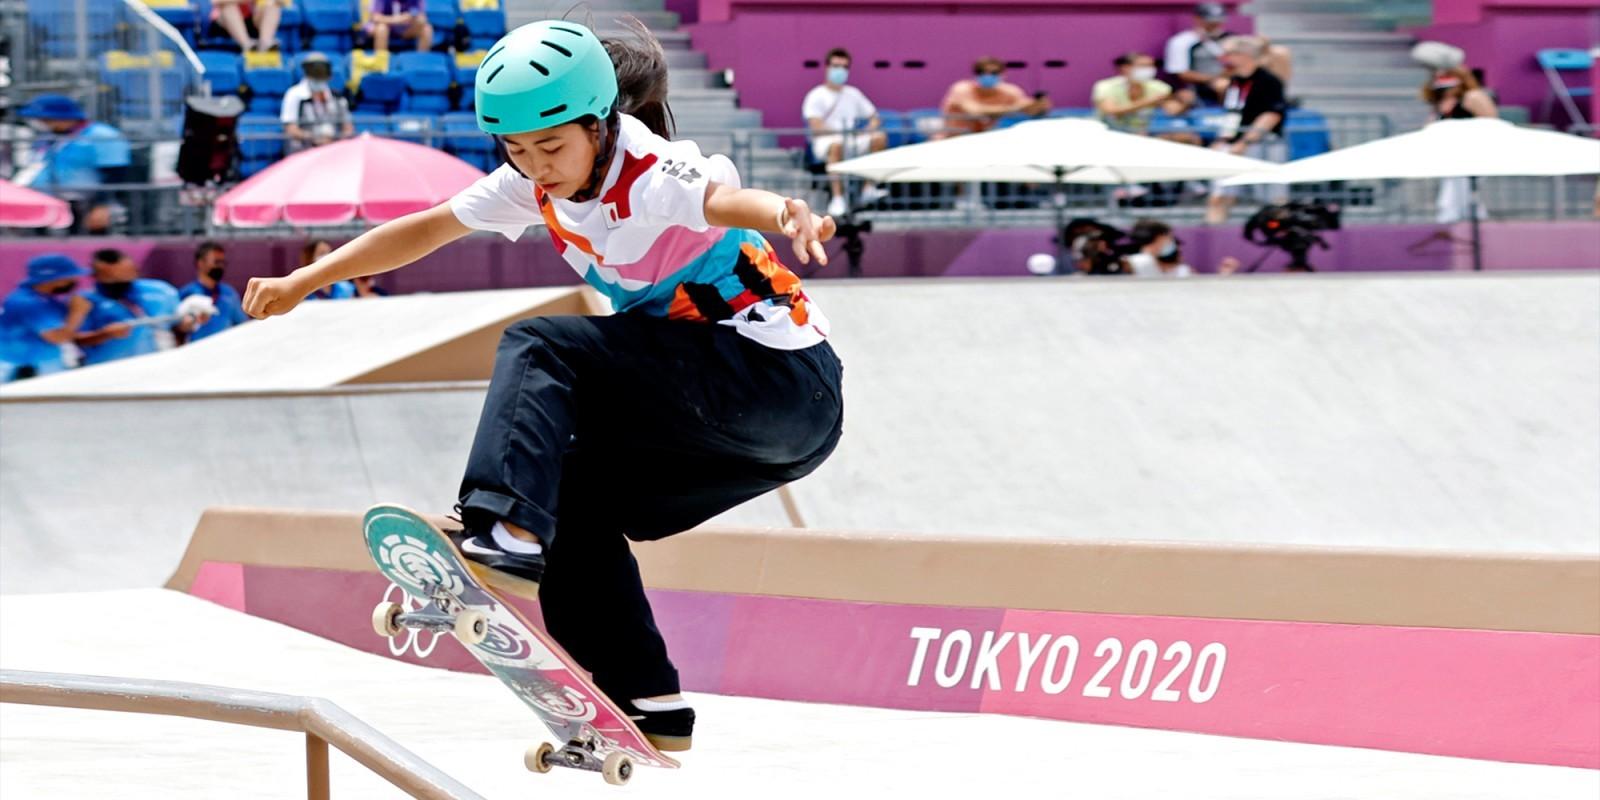 Đoạt huy chương Vàng Olympics khi mới 13 tuổi, Nishiya Momiji một lần nữa giúp Nhật Bản thể hiện đẳng cấp của mình trong bộ môn Trượt ván